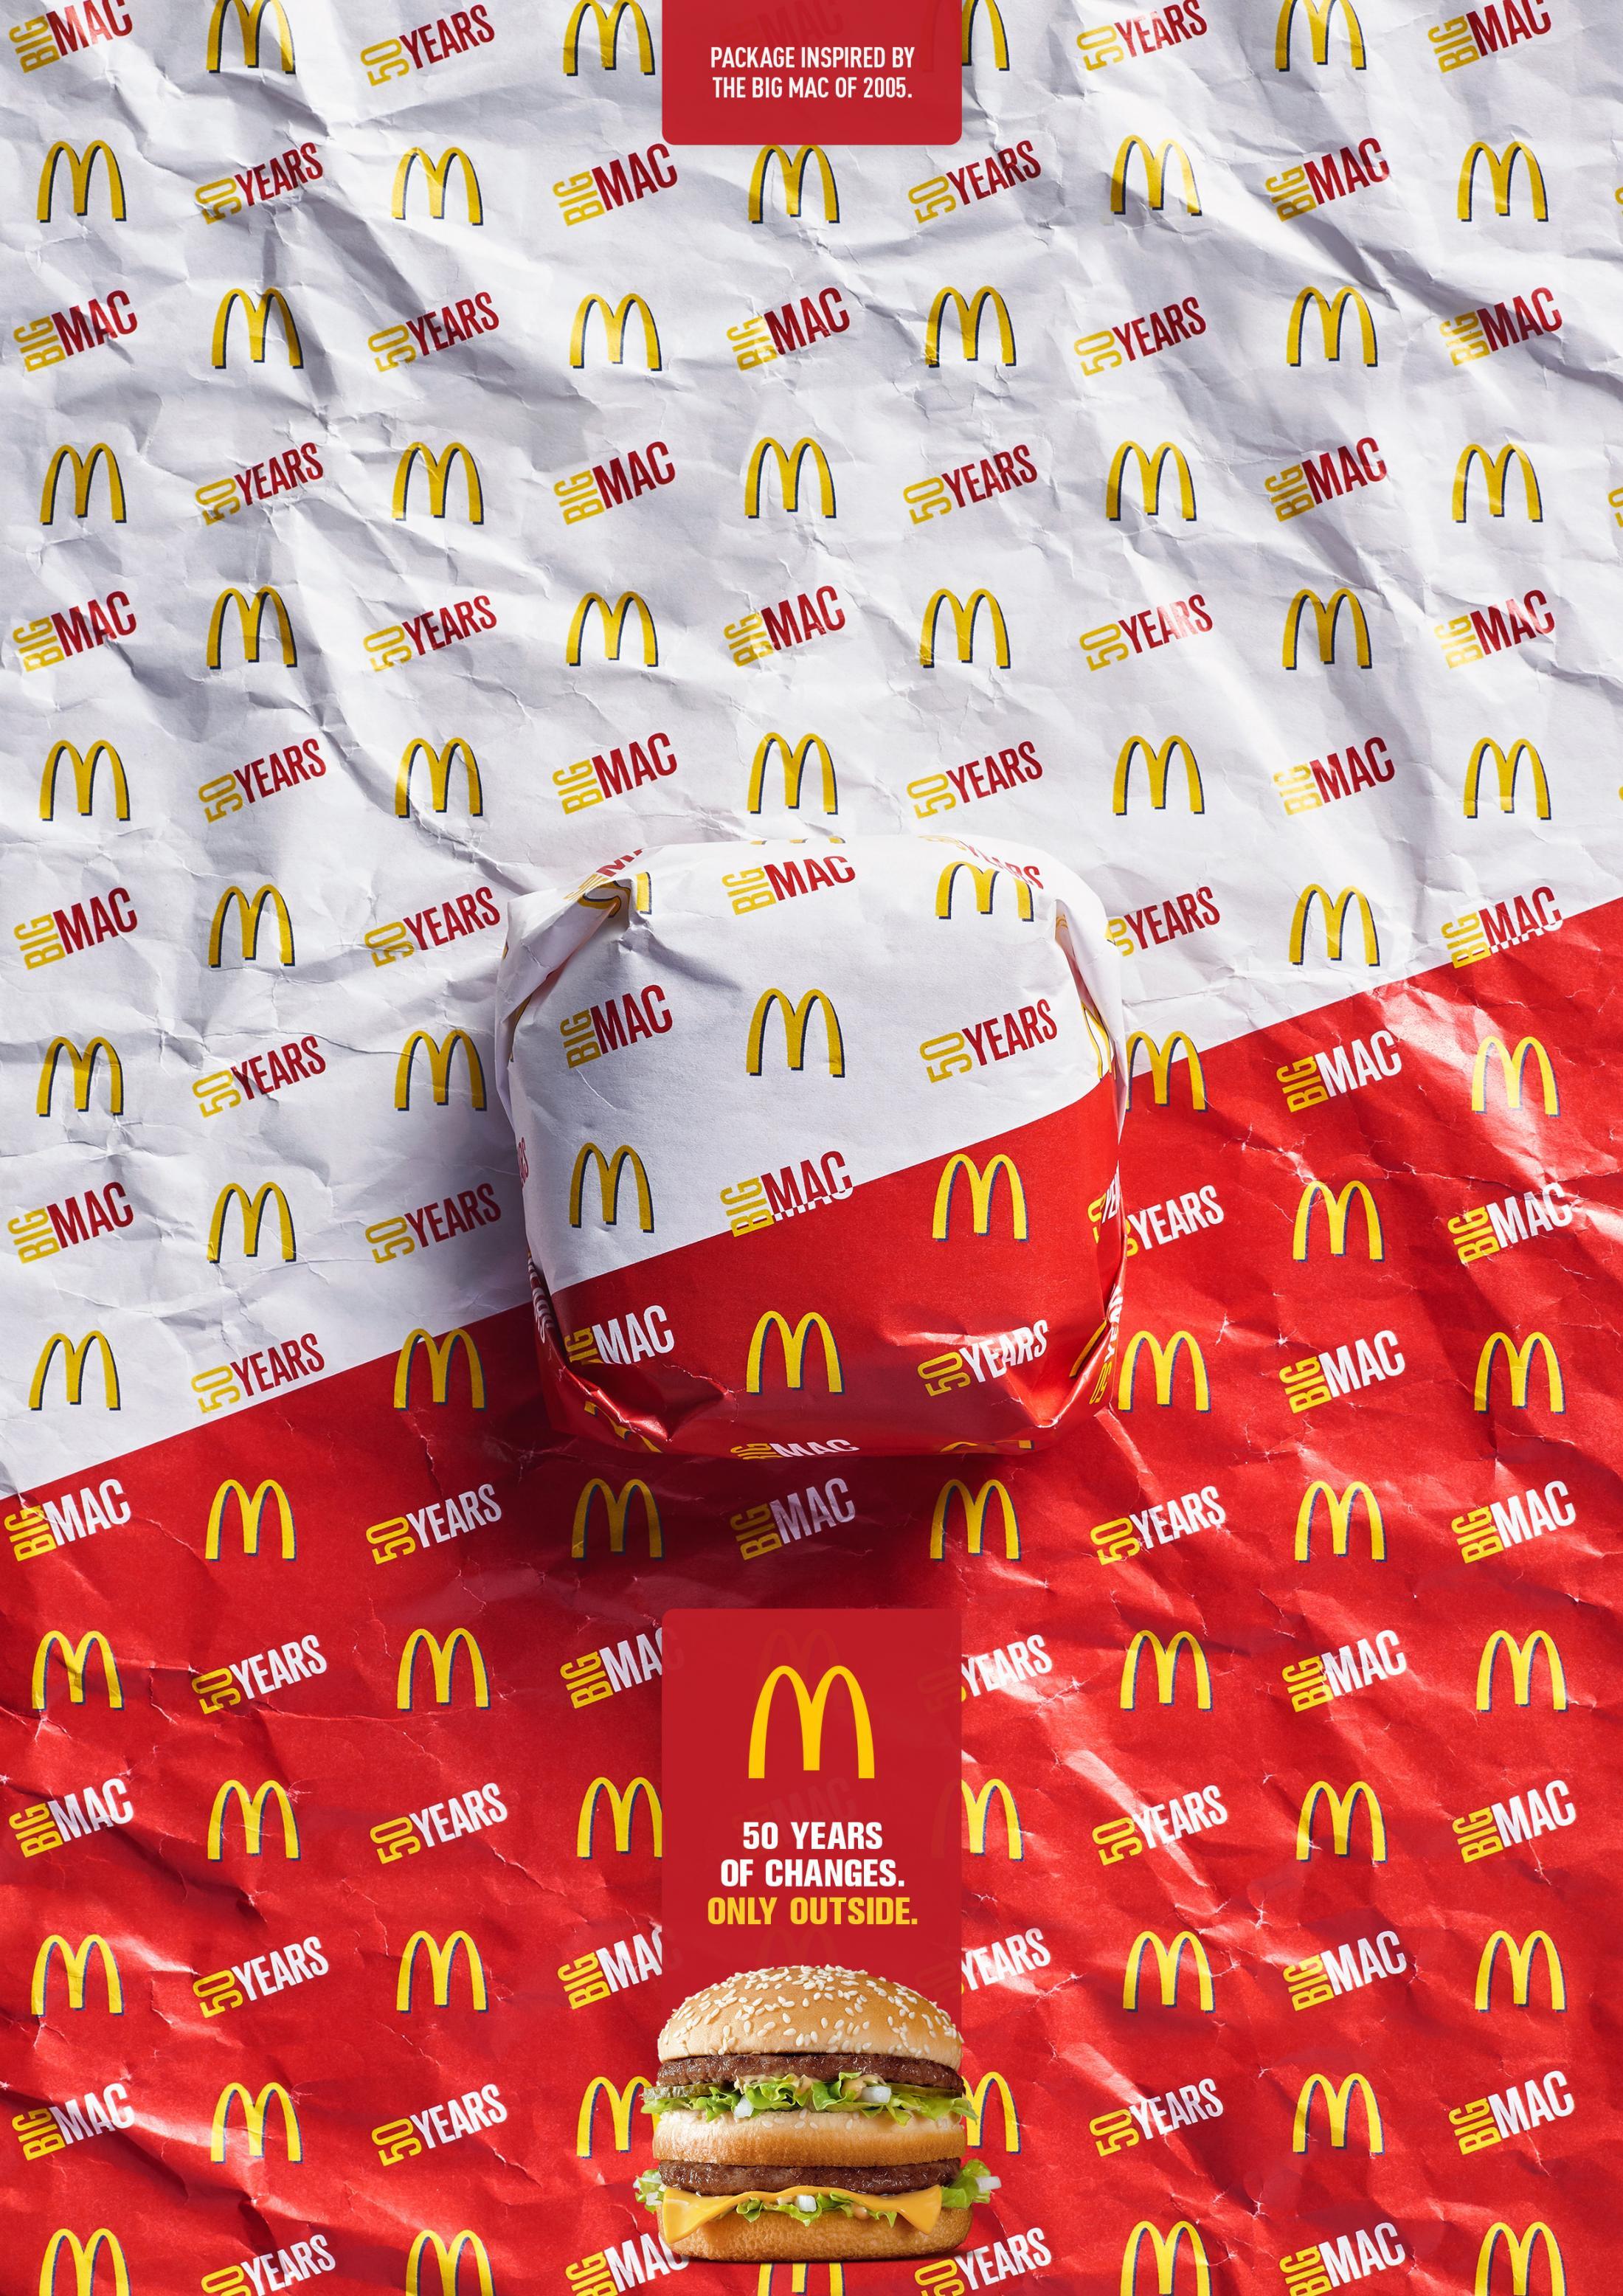 50年的变化,只是在外面的包装:巨无霸汉堡广告欣赏